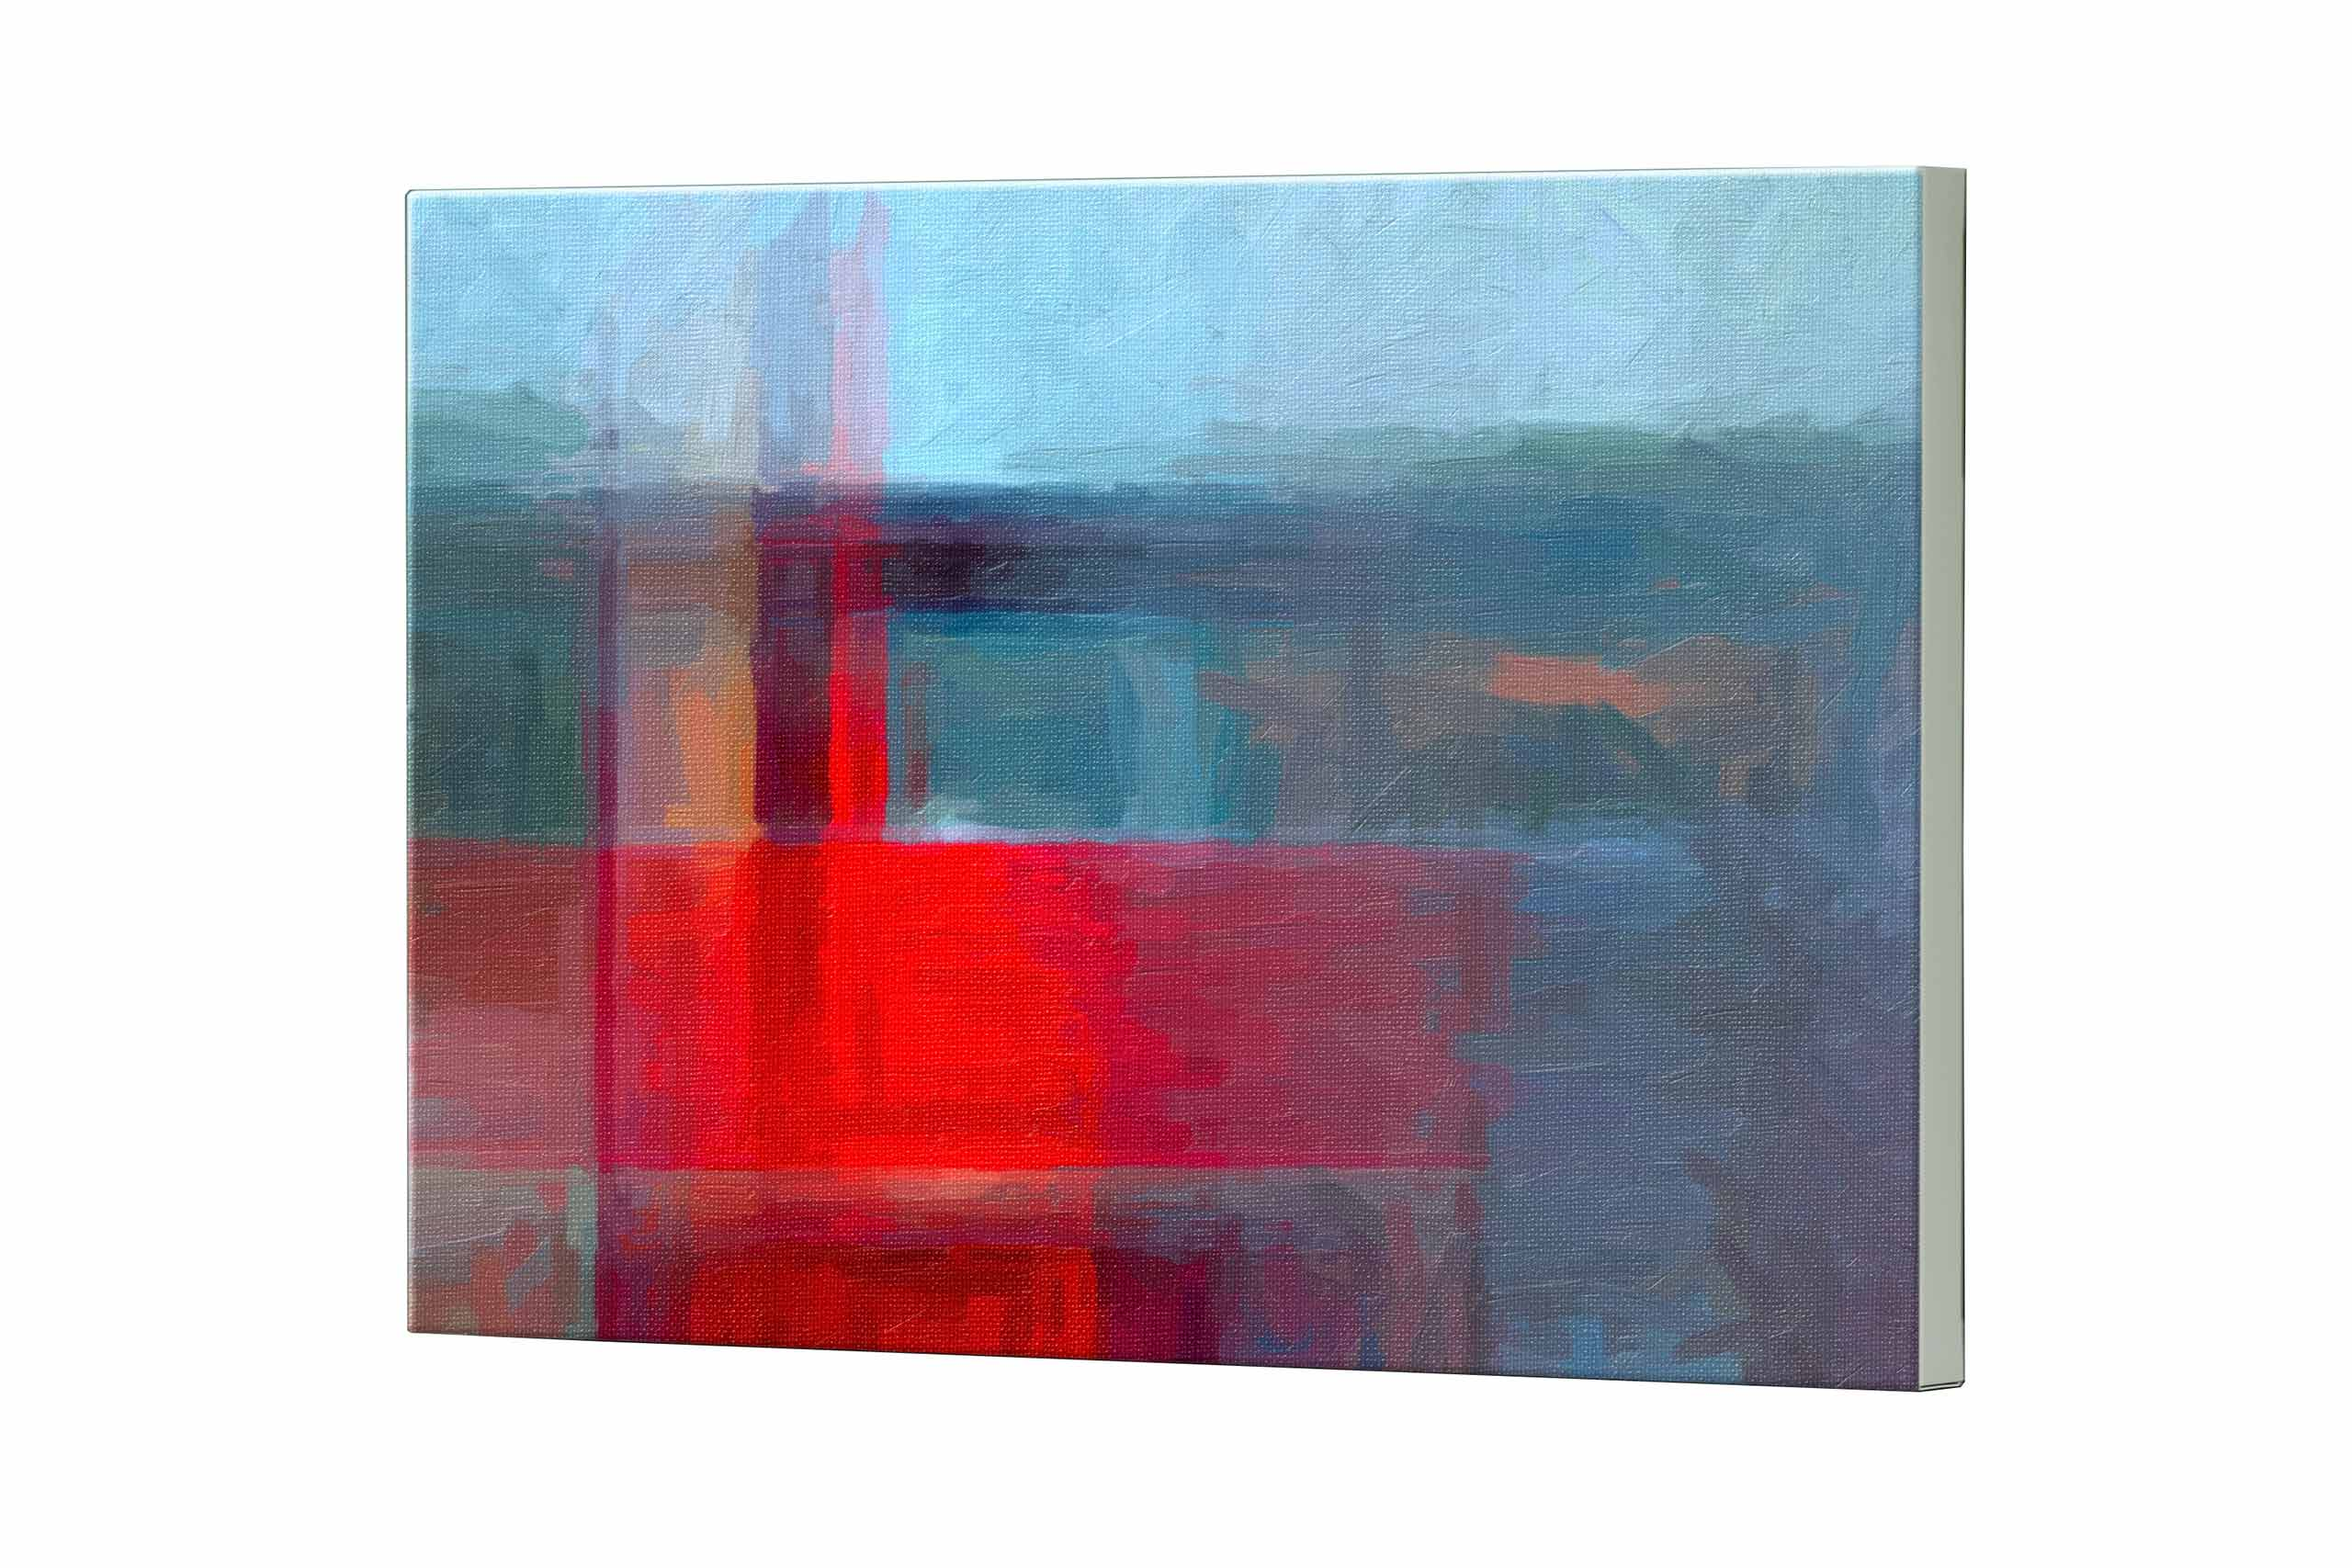 Magnettafel NOTIZ 80x60cm Motiv Abstrakt Kunst MDQ496 Motiv-Pinnwand